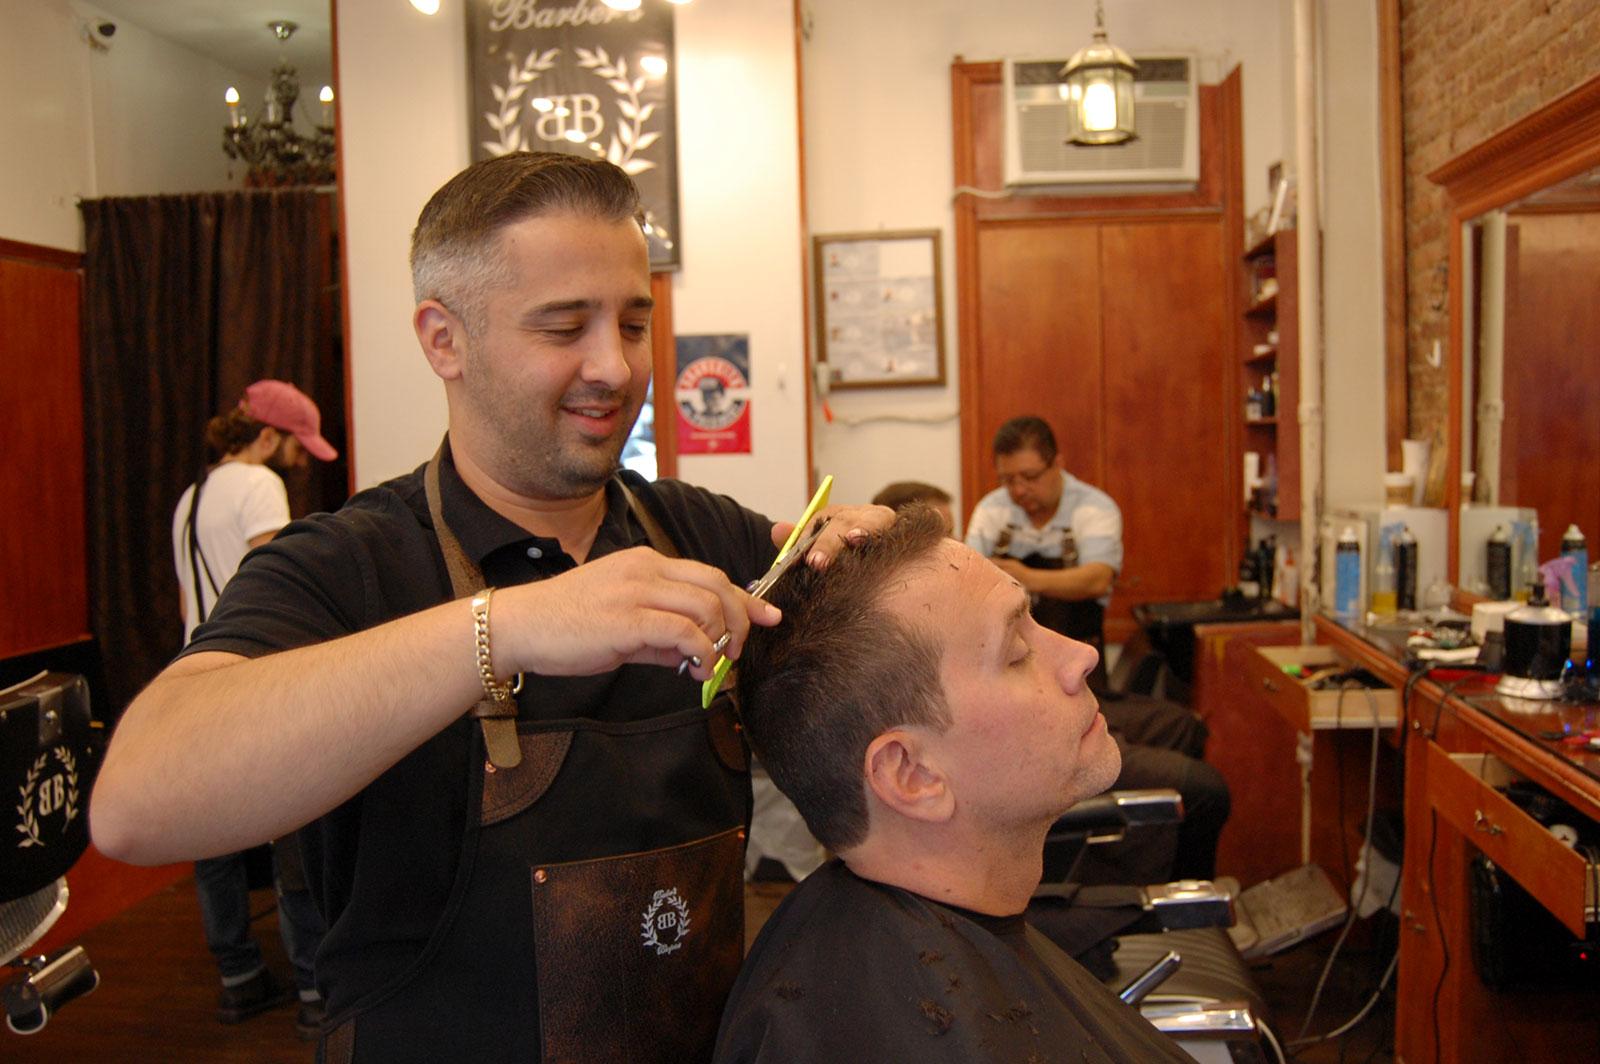 Barbers Blueprint 181 Mulberry-Street Arthur cutting hair